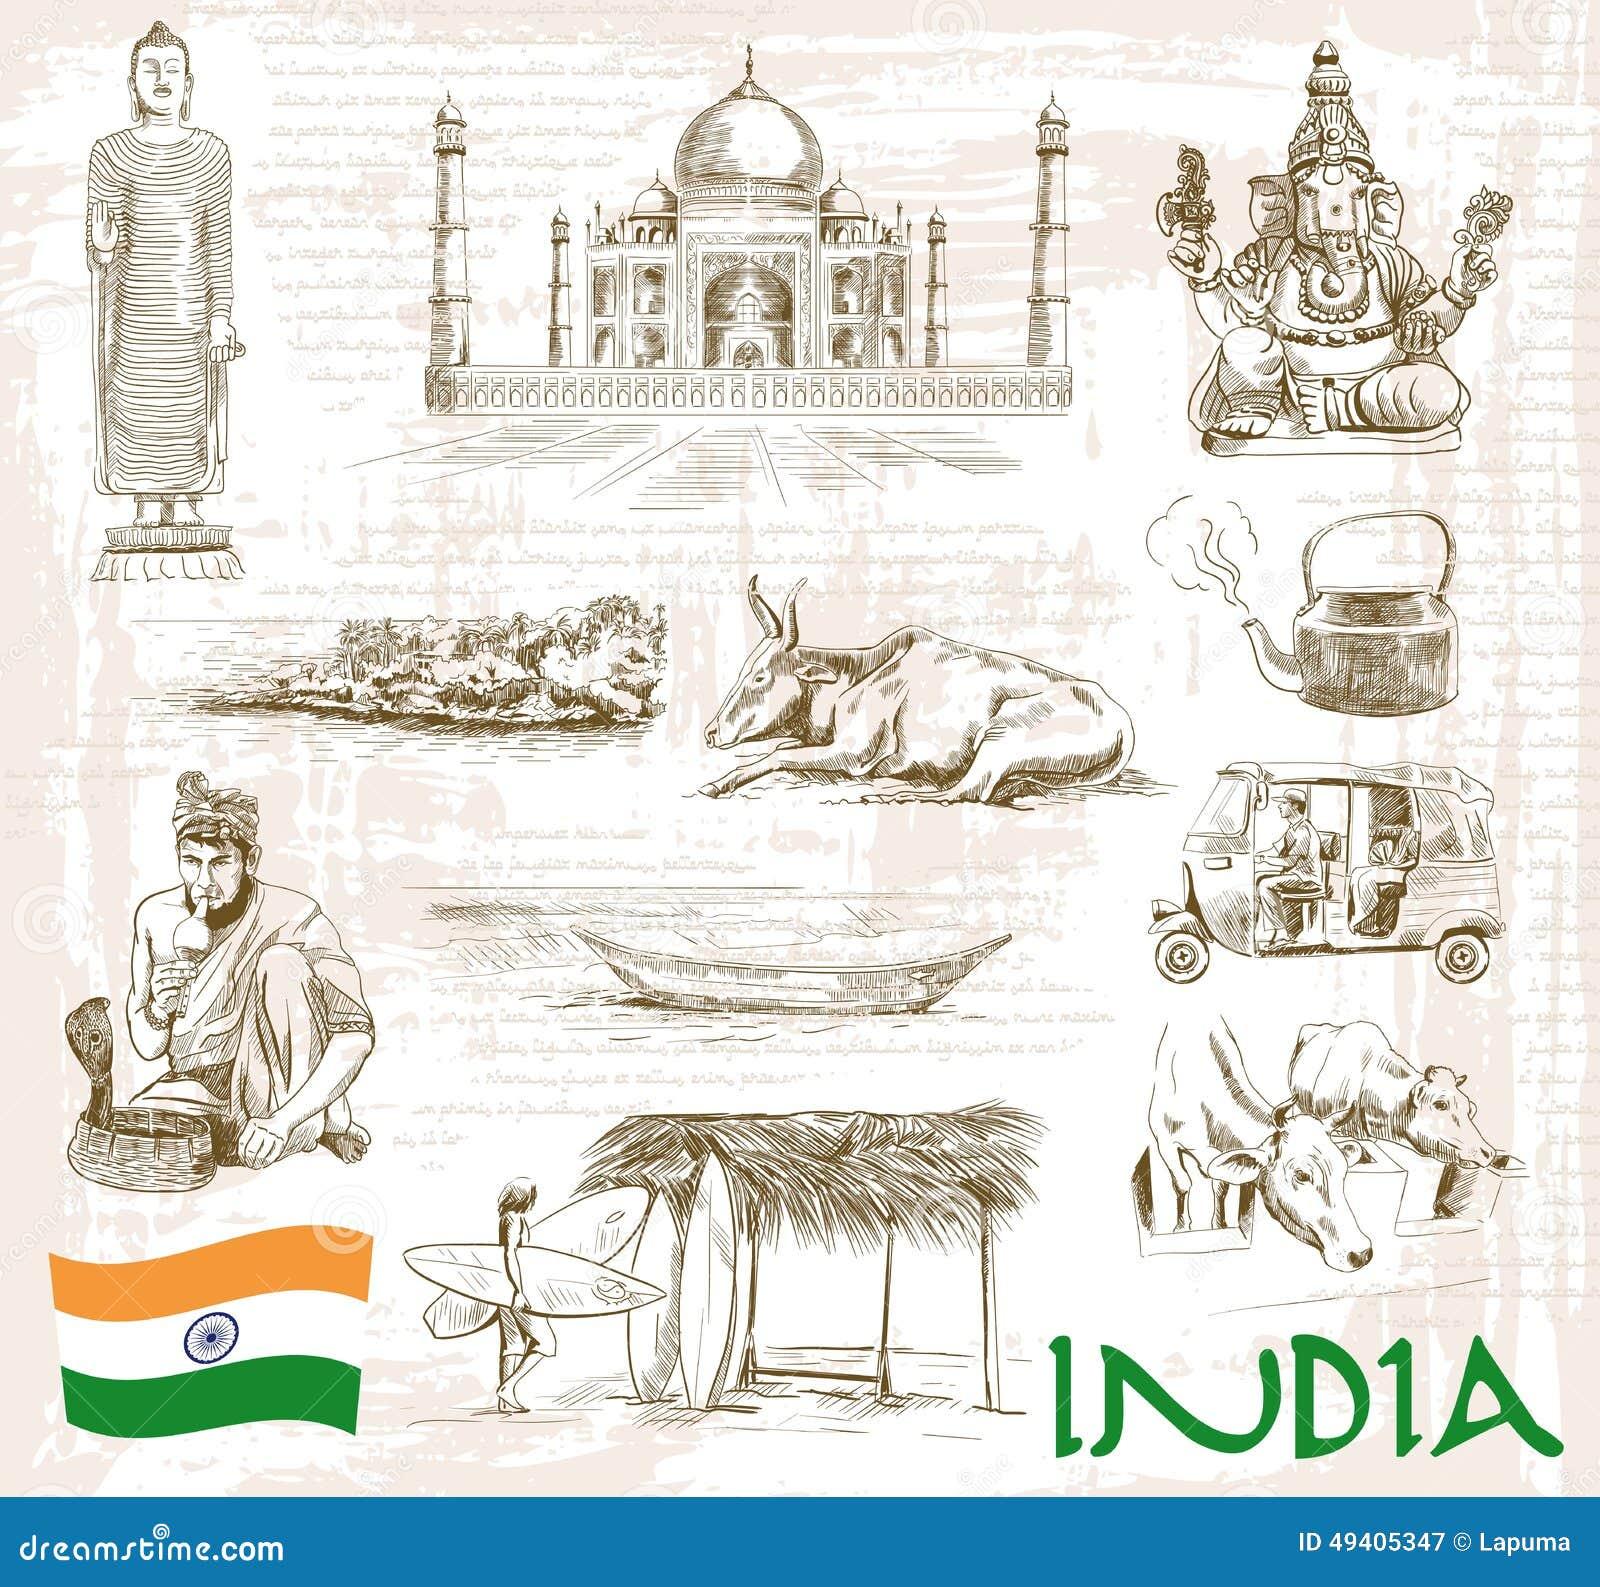 Download Anblick Indien vektor abbildung. Illustration von kultur - 49405347